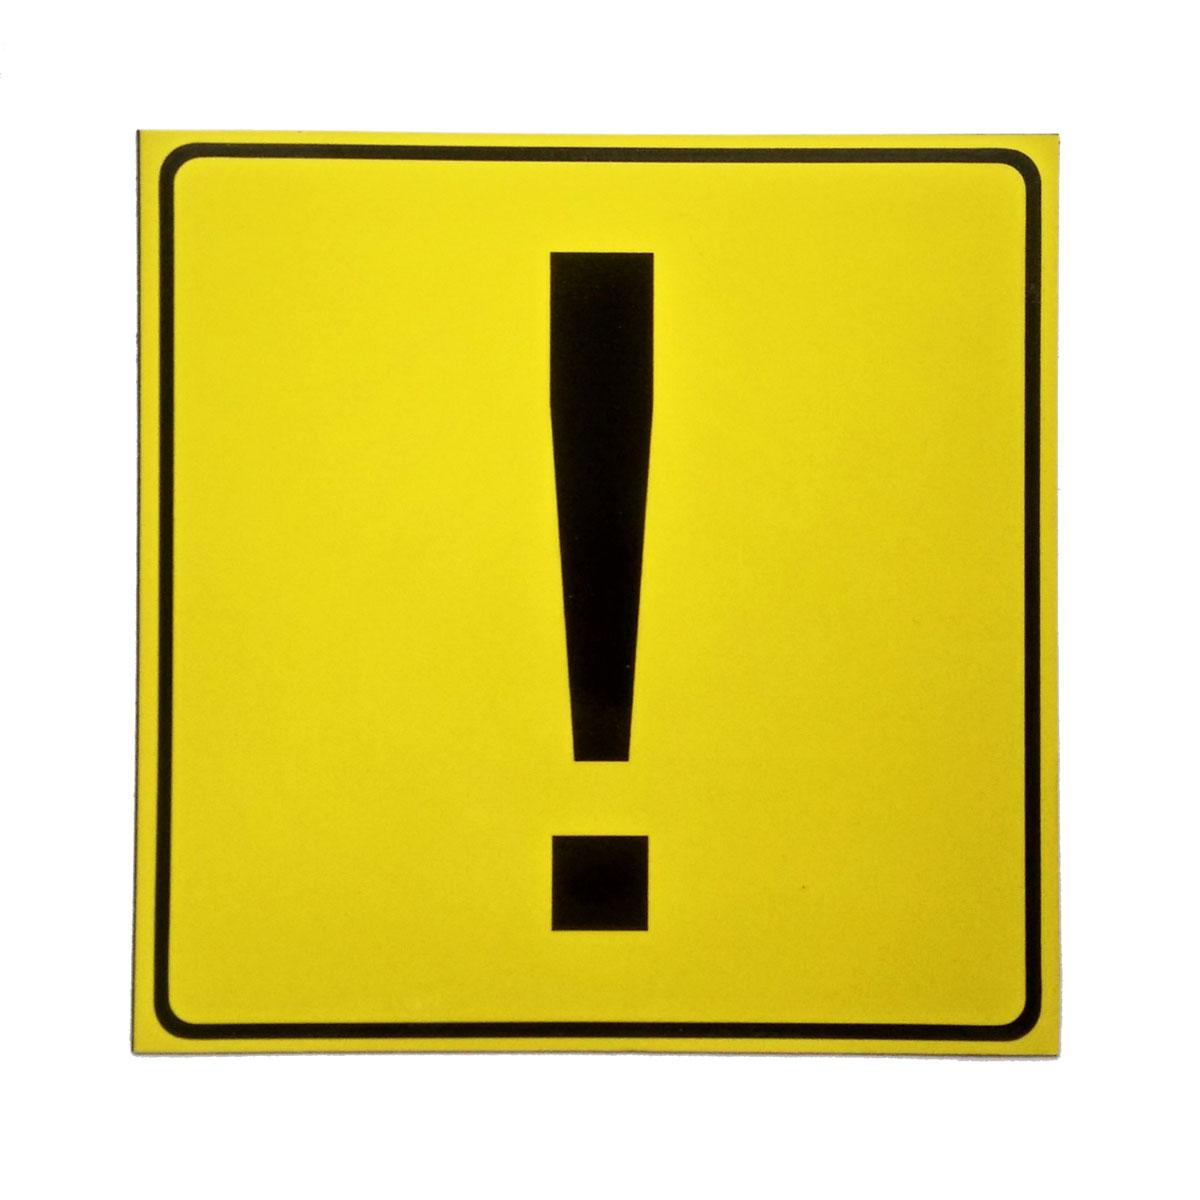 Магнитный знак Оранжевый Слоник НовичокMA005RGBОтличное решение для тех, кто не хочет клеить стикер. Отлично держится на кузове, может быть перемещен в любое место кузова по желанию. Удобен тем, что снимается при смене водителя и возвращается на место.